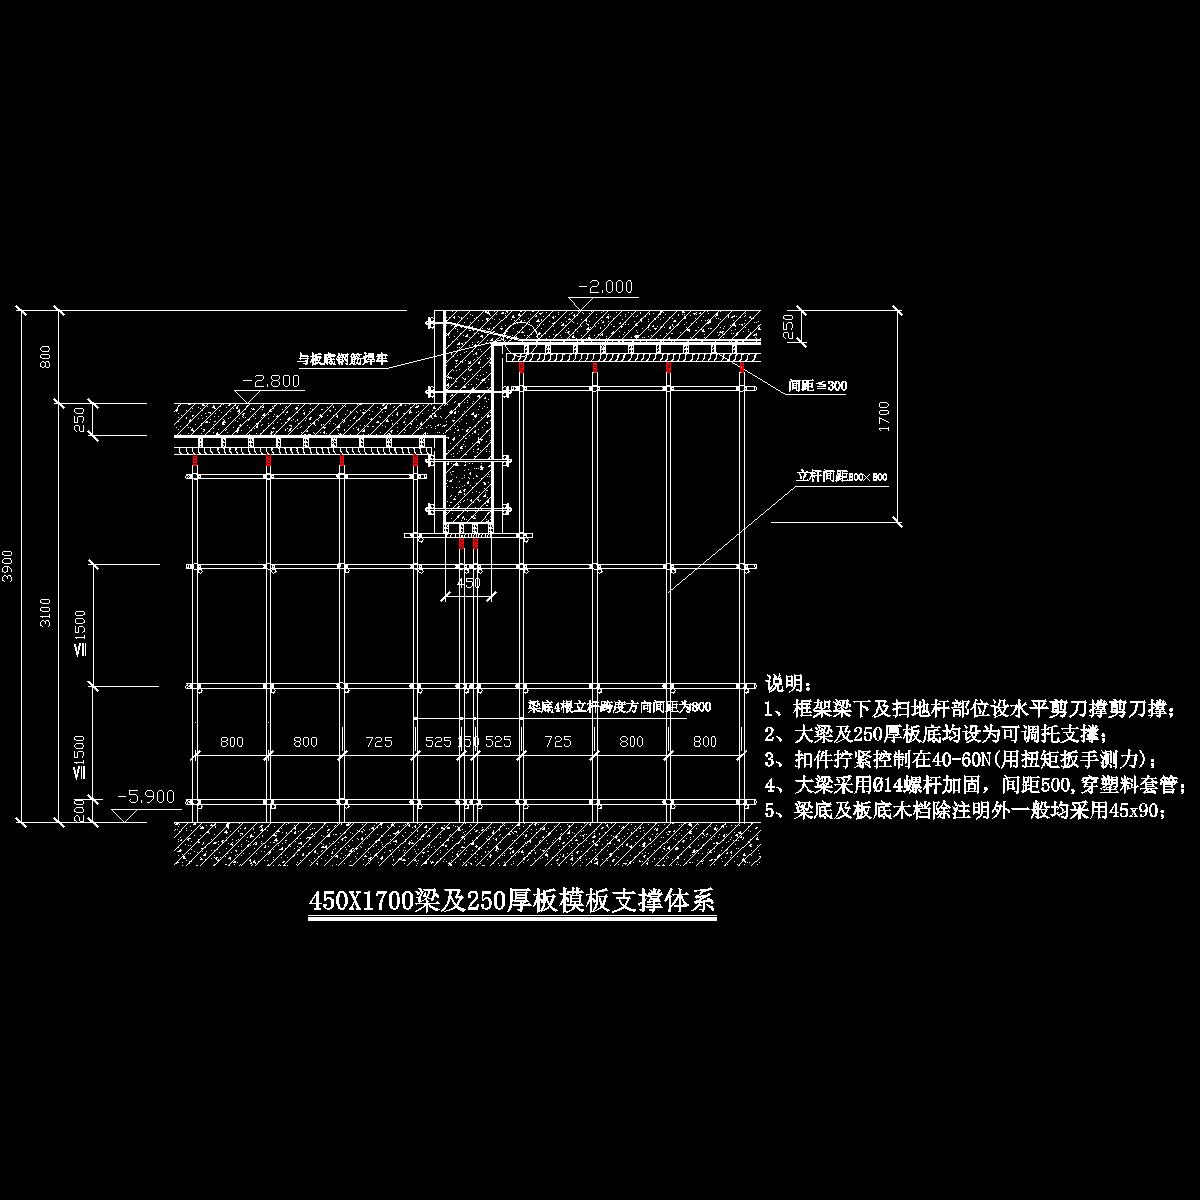 450x1700梁及250板高低跨处高大模板支撑体系图.dwg